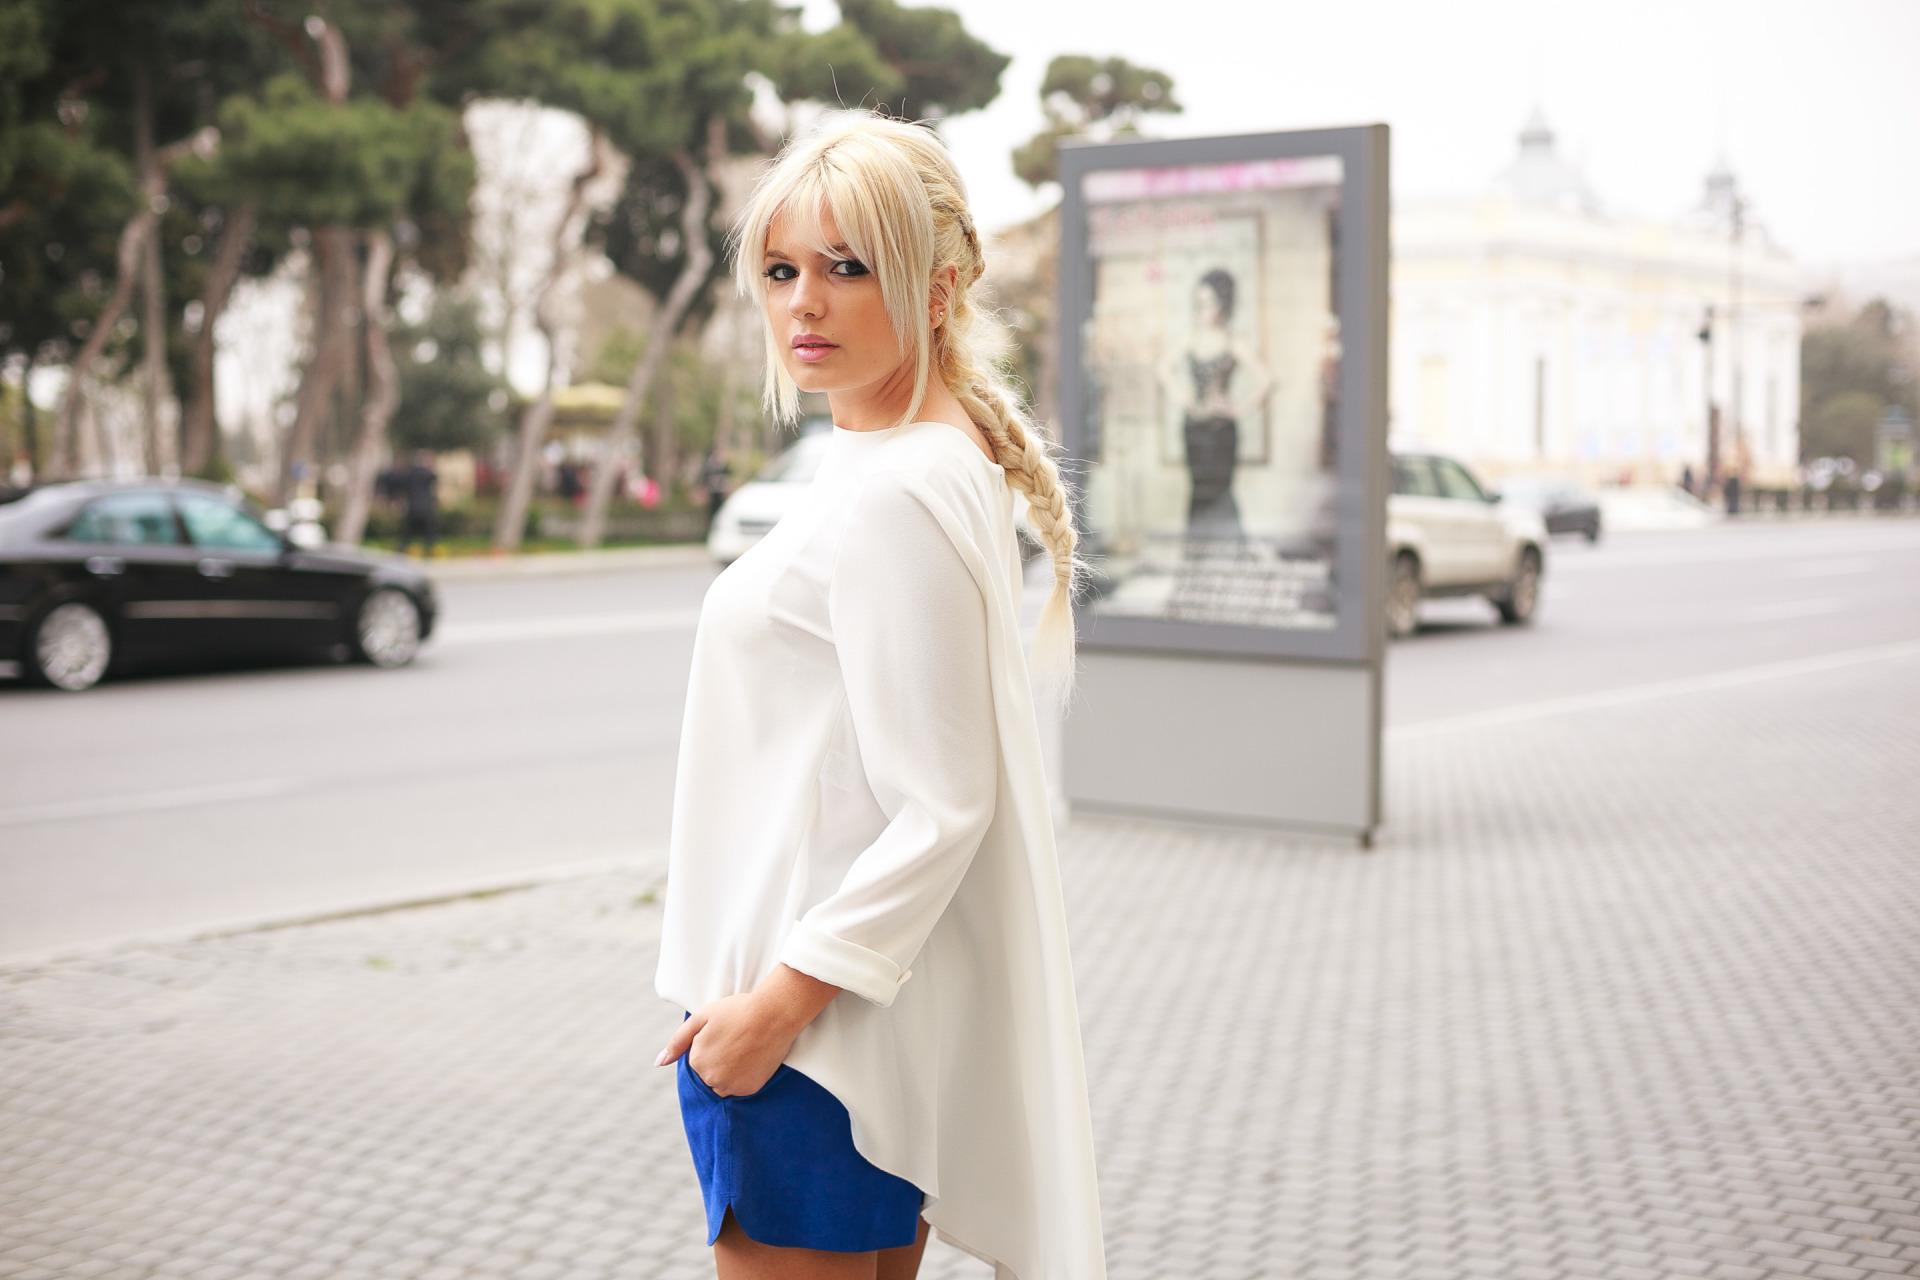 Базовый гардероб для полной девушки фото